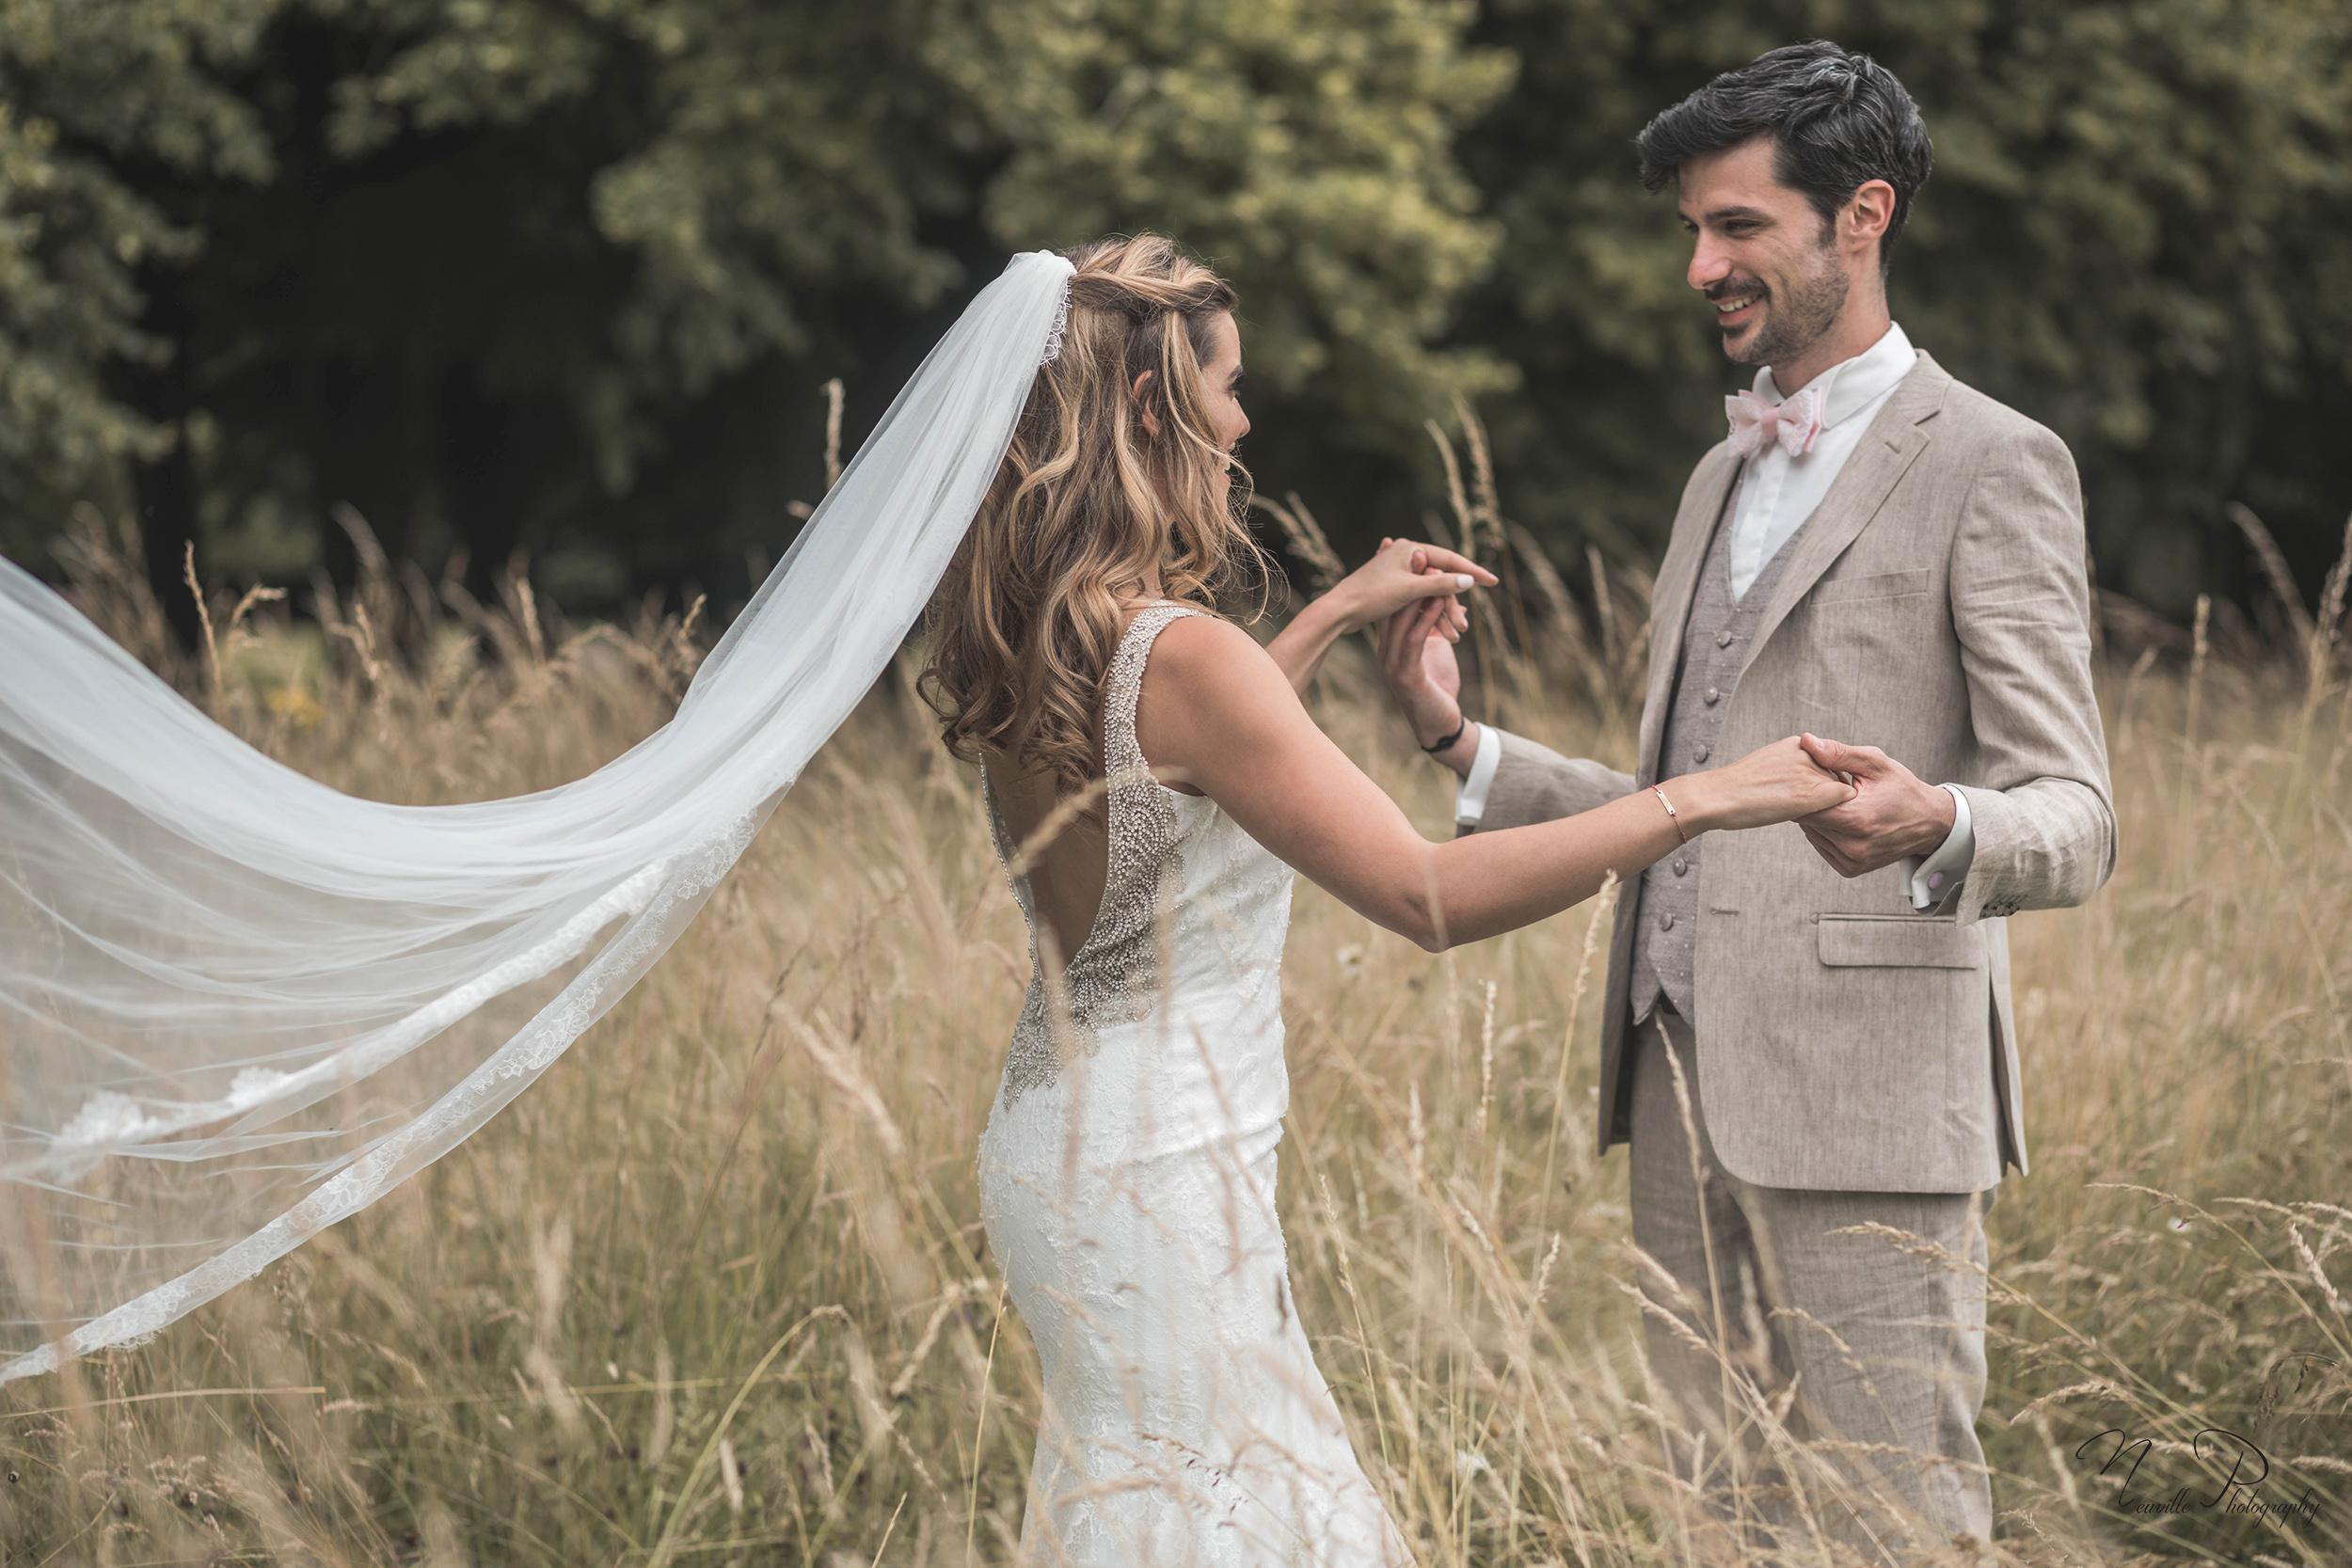 Vidéo de mariage champêtre chic